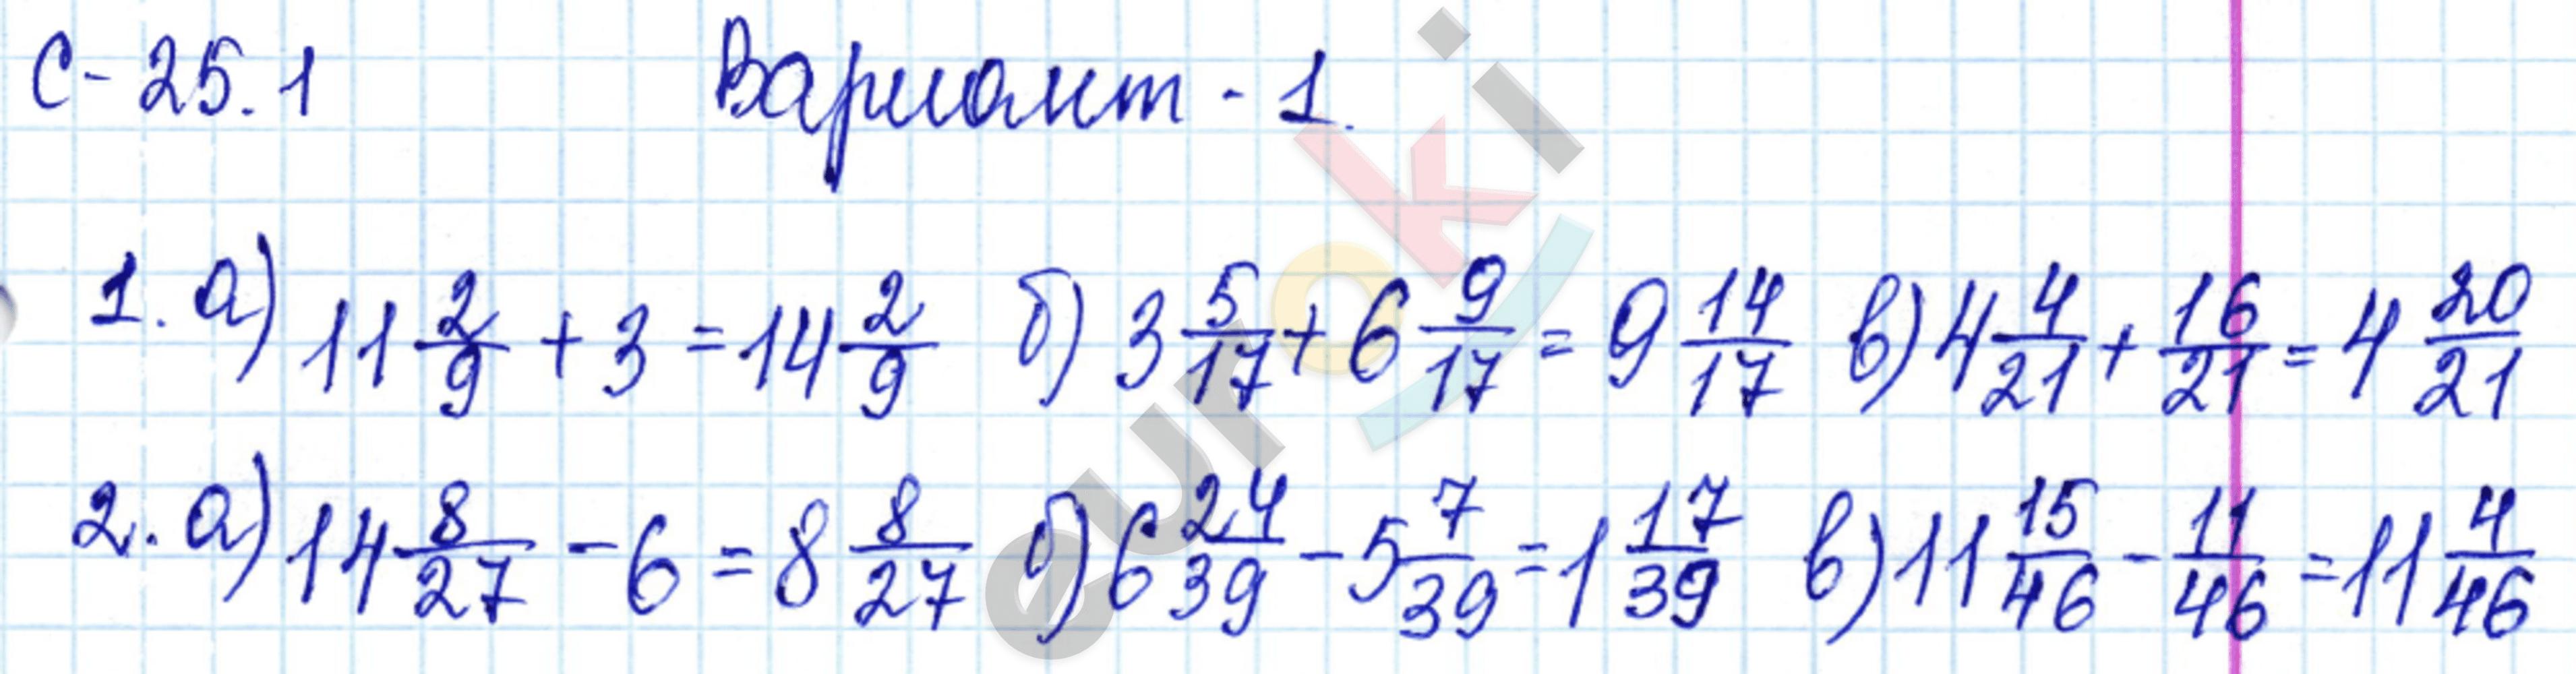 ГДЗ по математике 5 класс самостоятельные работы Зубарева, Мильштейн, Шанцева Тема 2. Обыкновенные дроби, С-25.1. Сложение и вычитание смешанных чисел. Задание: Вариант 1